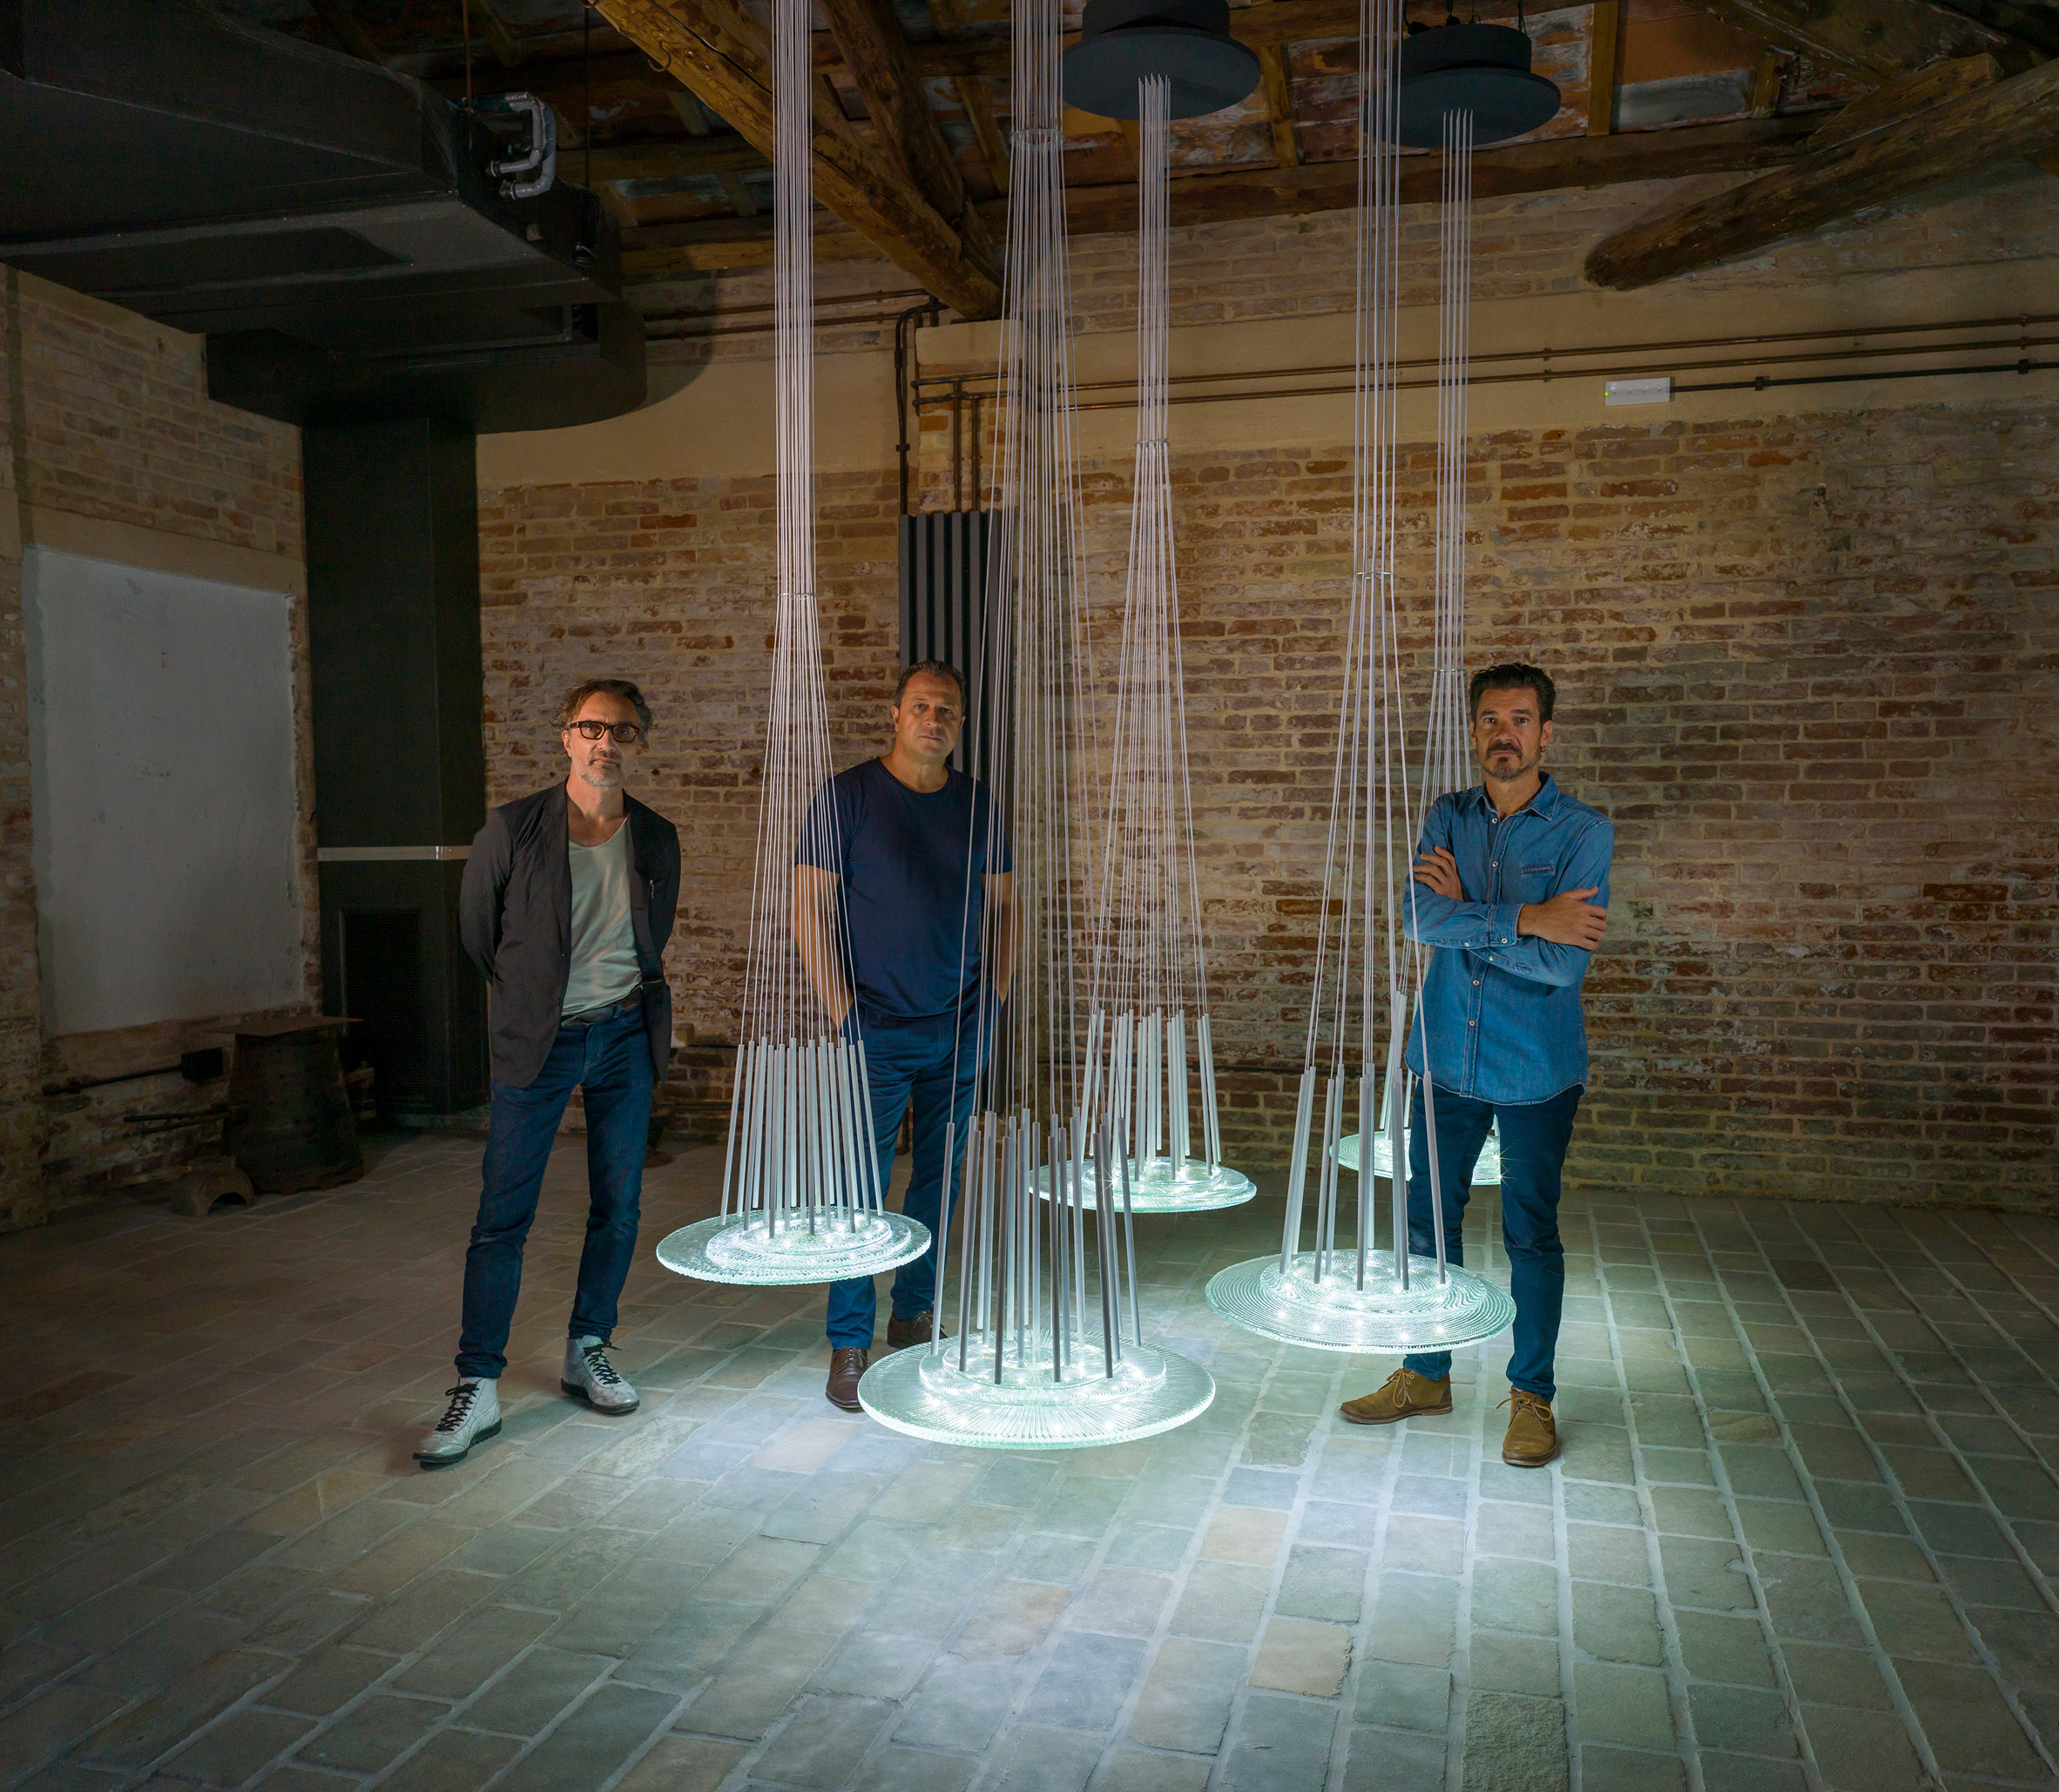 Atelier Oï founders